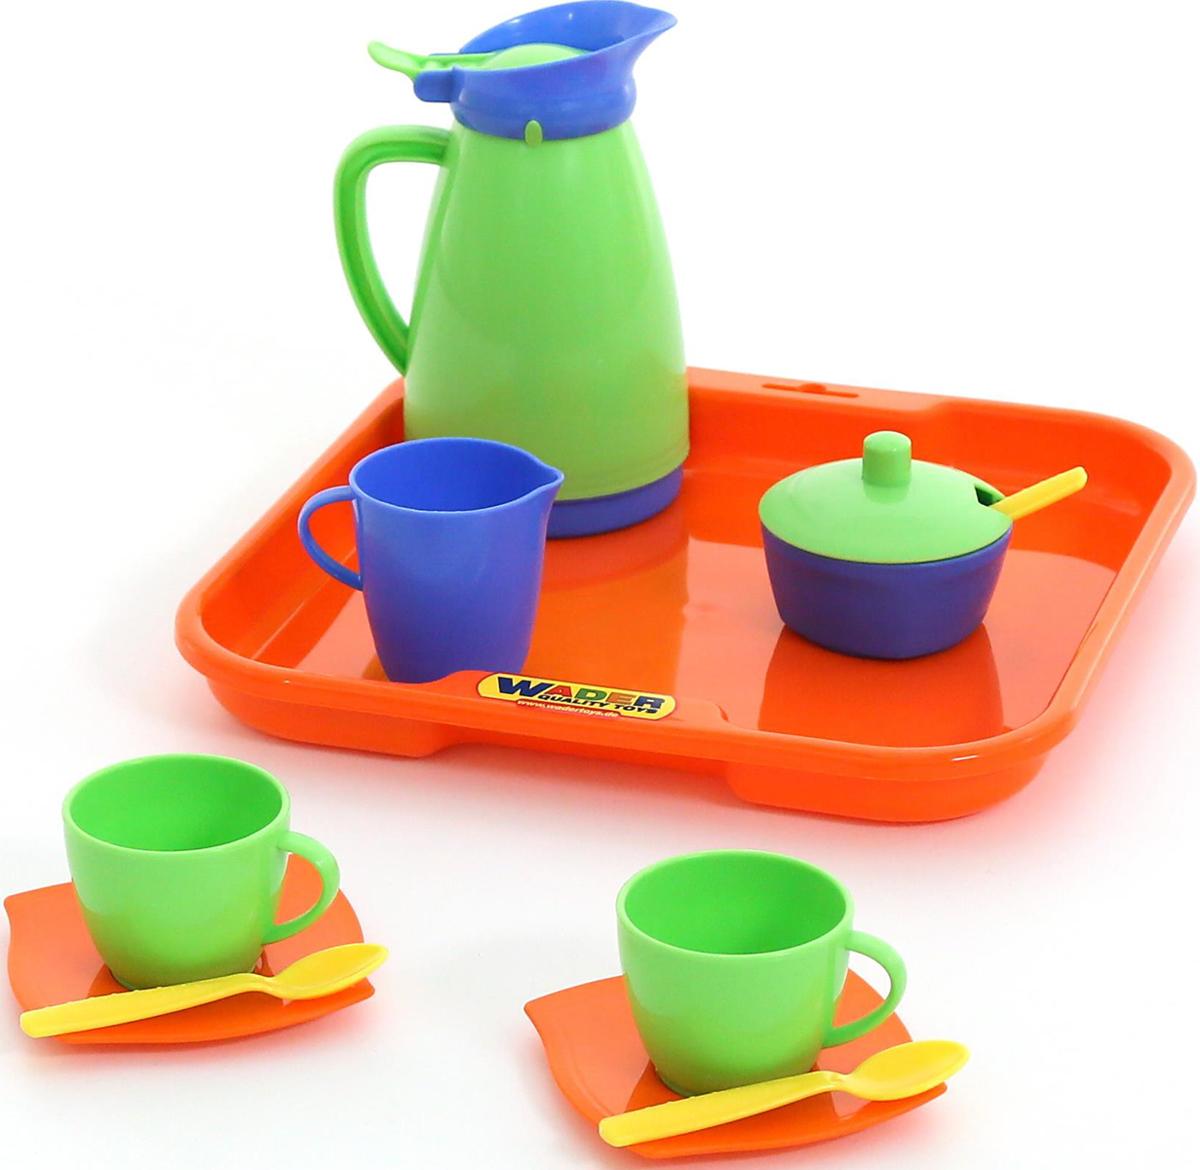 Полесье Набор игрушечной посуды Алиса 40572, цвет в ассортименте все цены